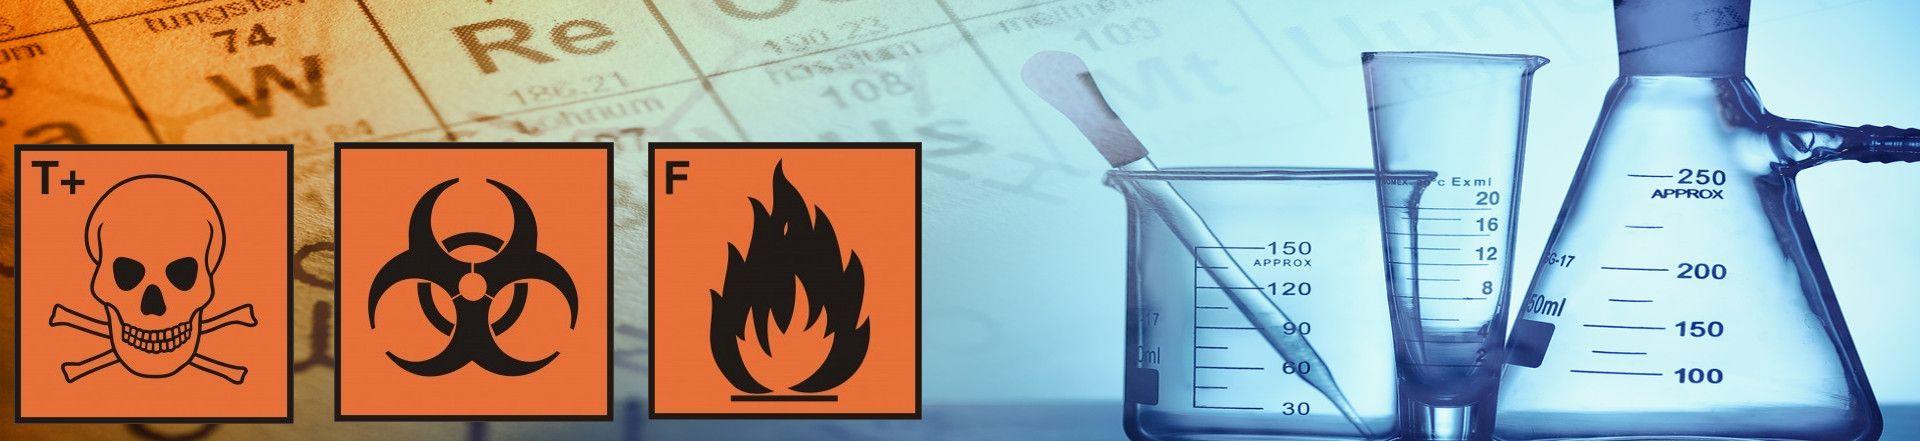 Substancje chemiczne i niebezpieczne